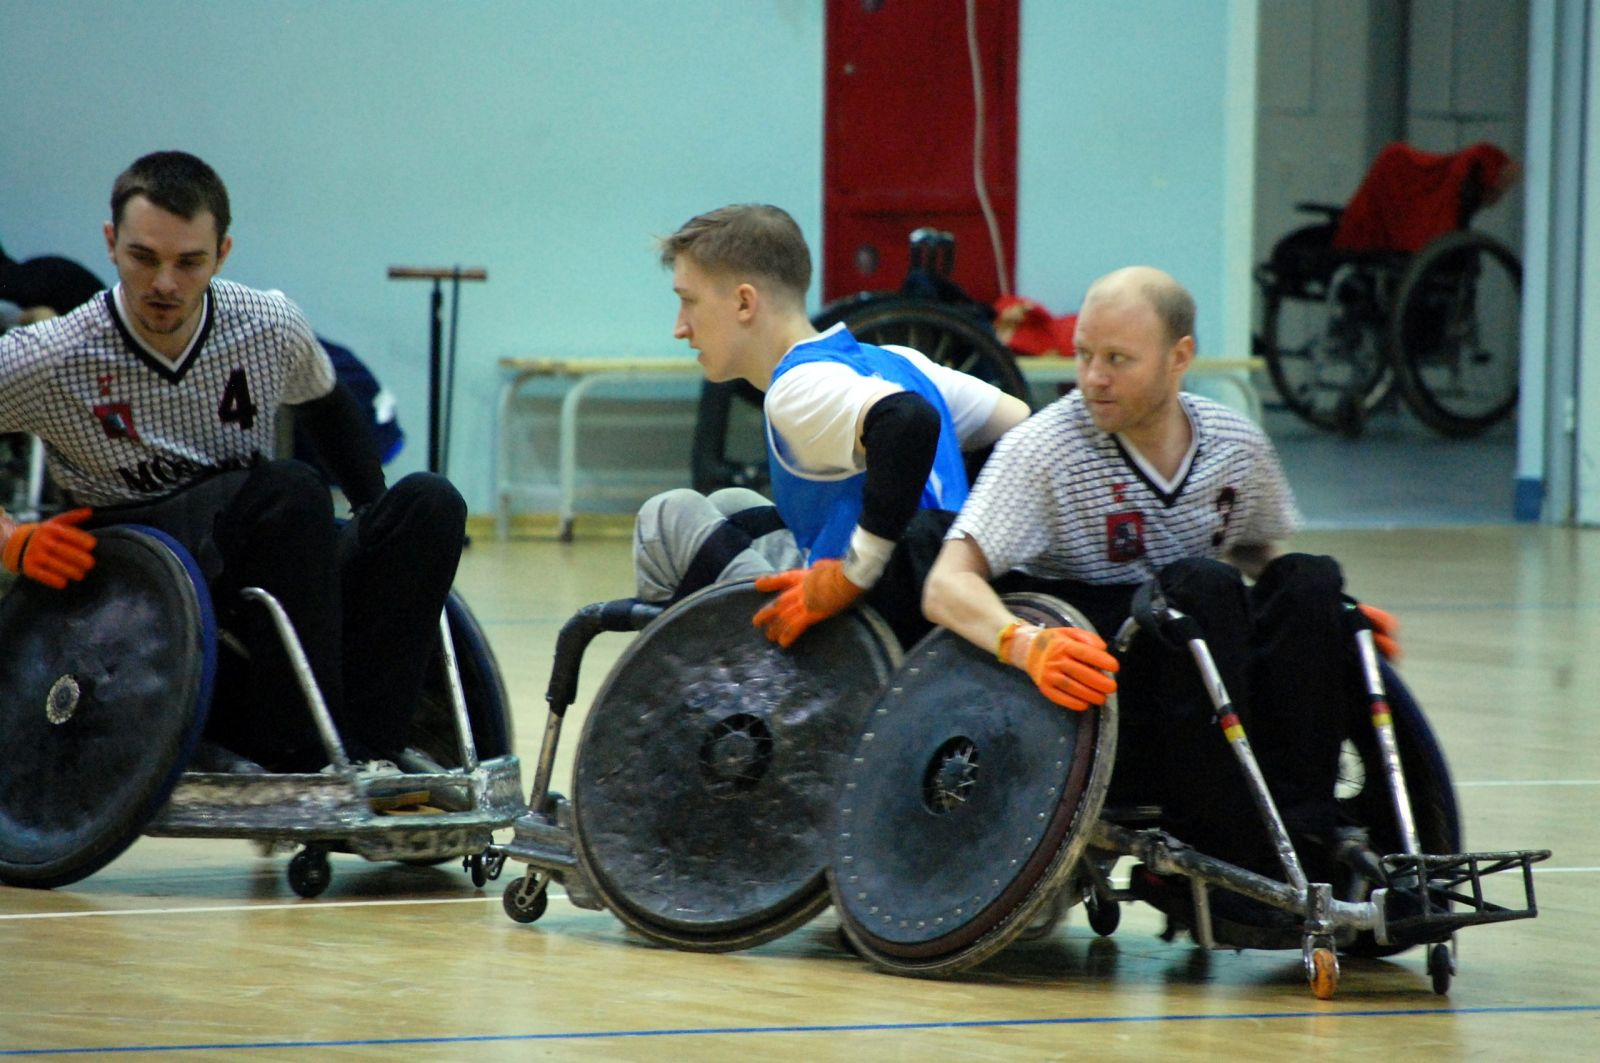 Сборная Москвы стала победителем 1 круга чемпионата России по регби на колясках